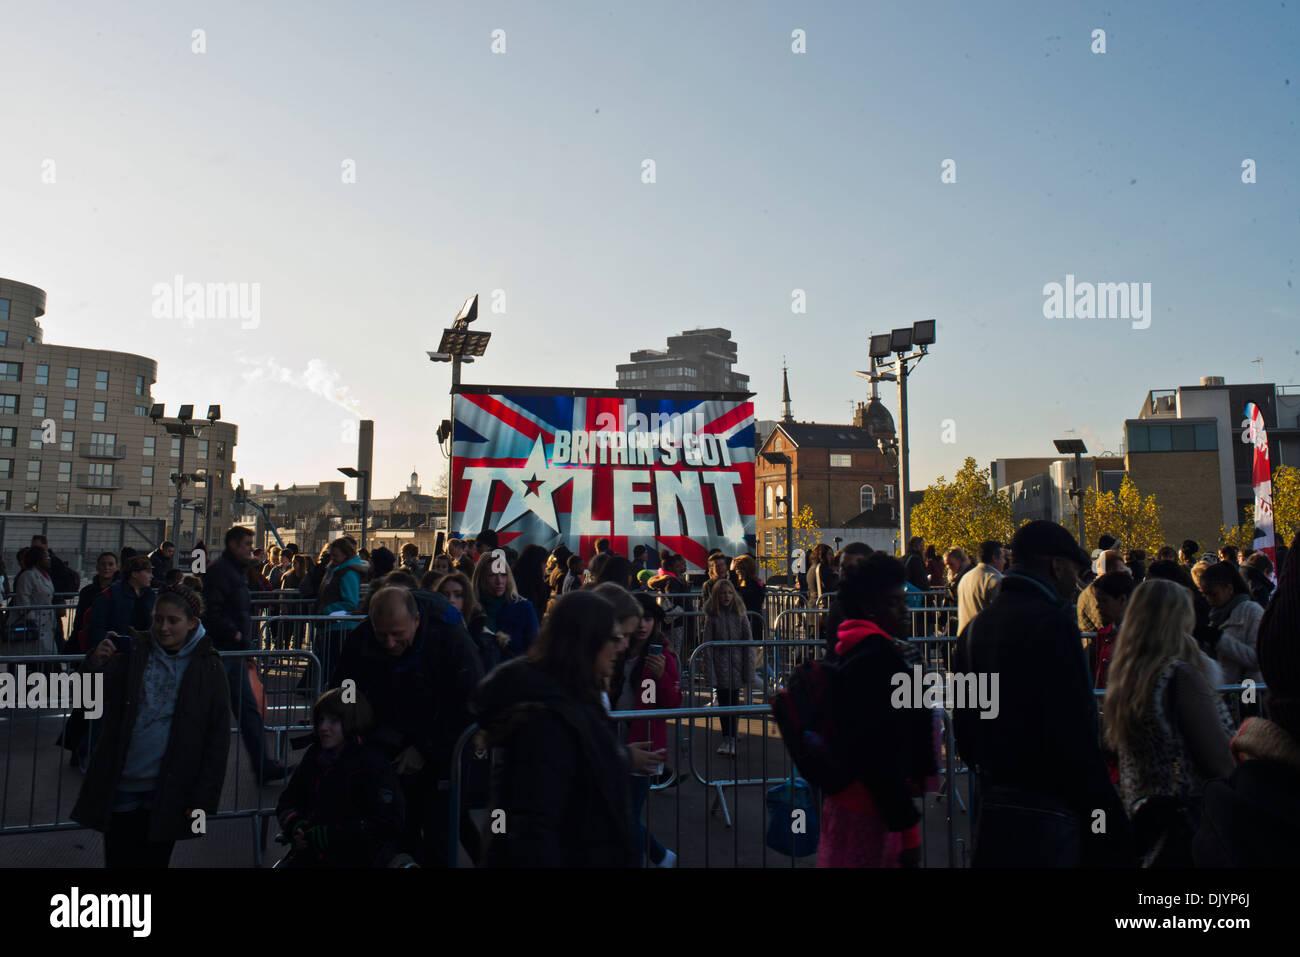 Kundenansturm um zu versuchen ihr Glück in den Auditions für Britain es Got Talent in Nord-London Stockbild